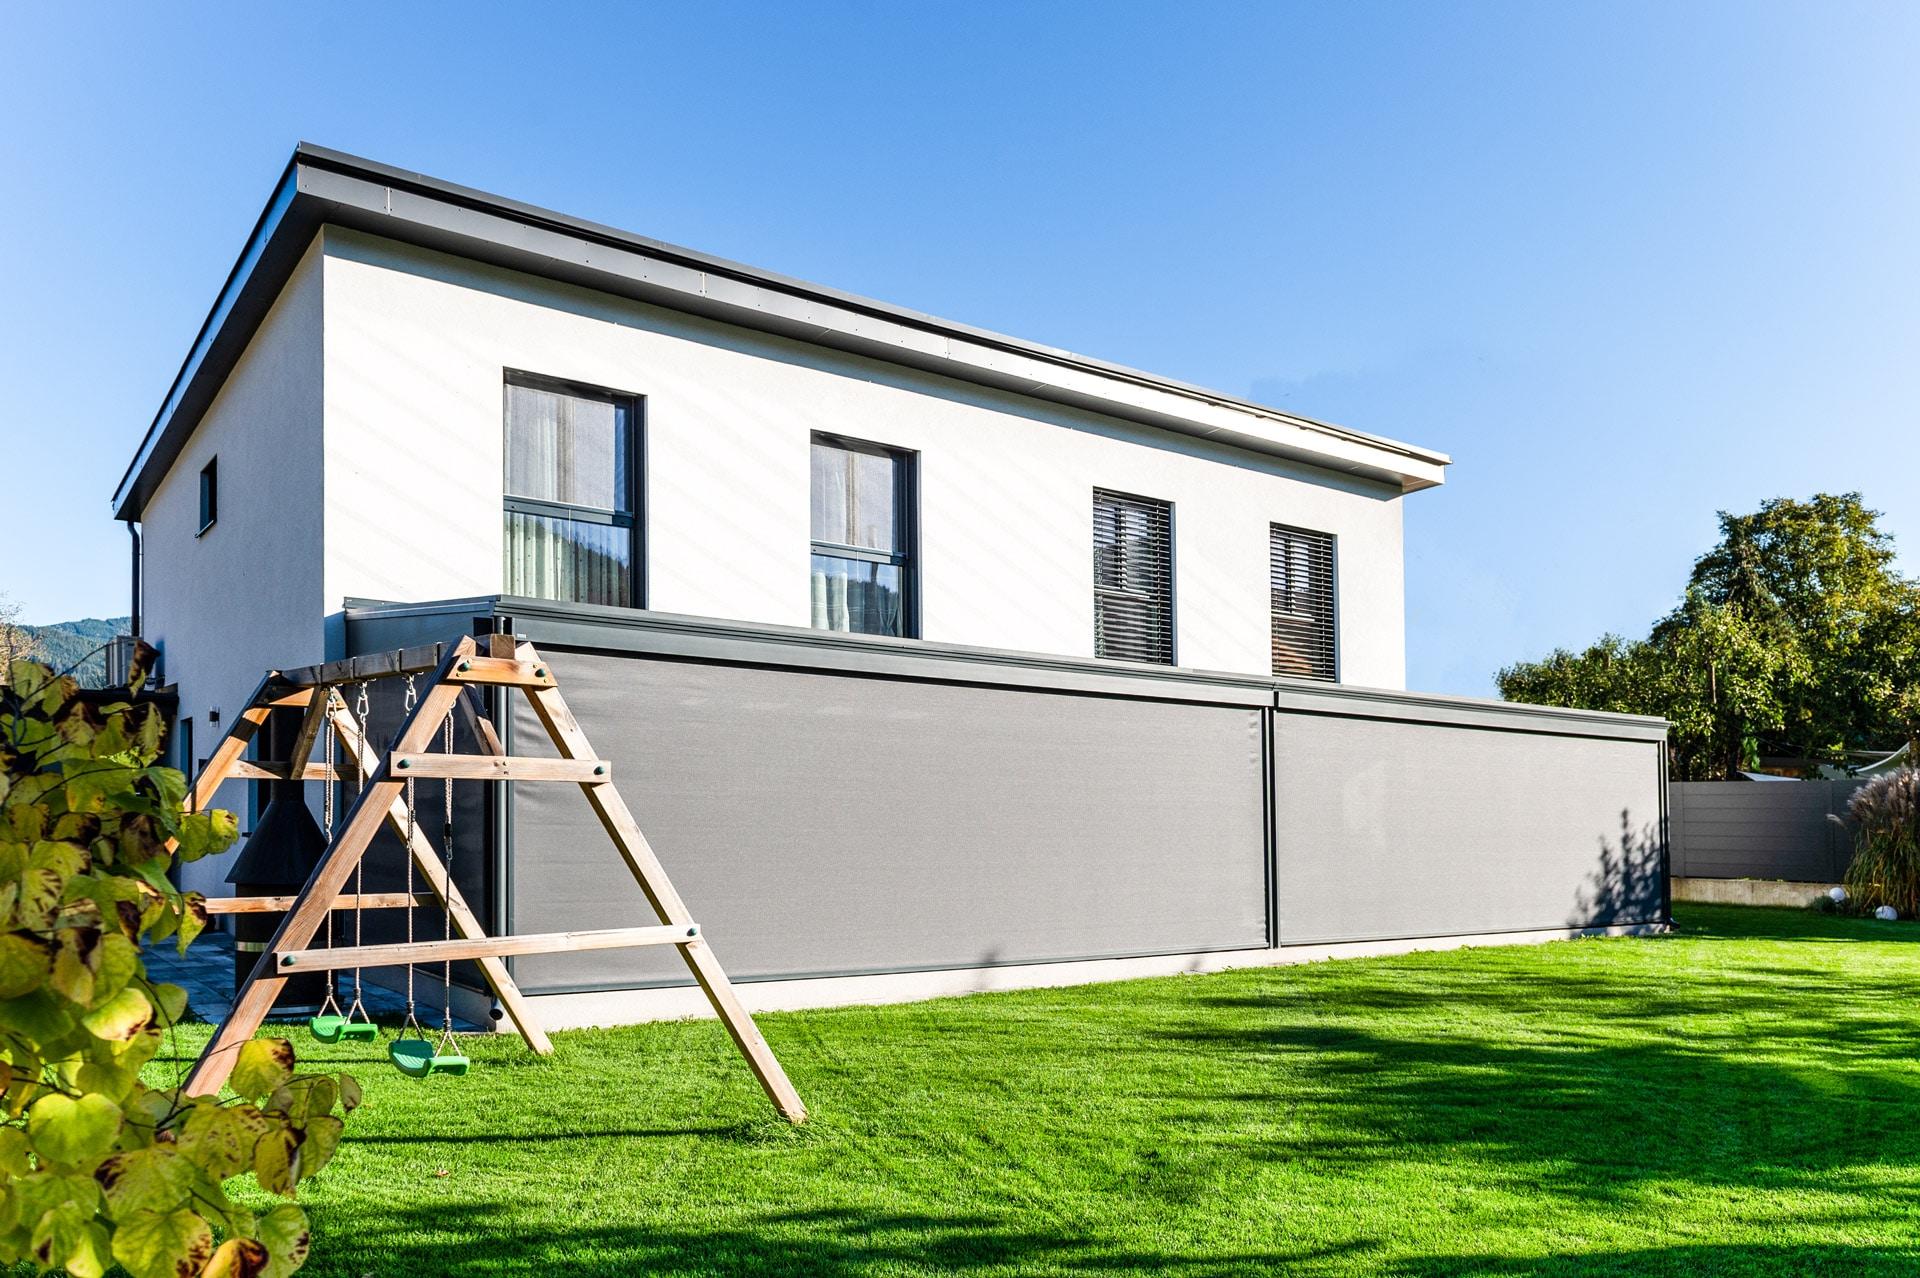 Z 17 a | graue senkrechte Markisen offen bei Sommergarten bei modernen Doppelhaus-Hälften | Svoboda